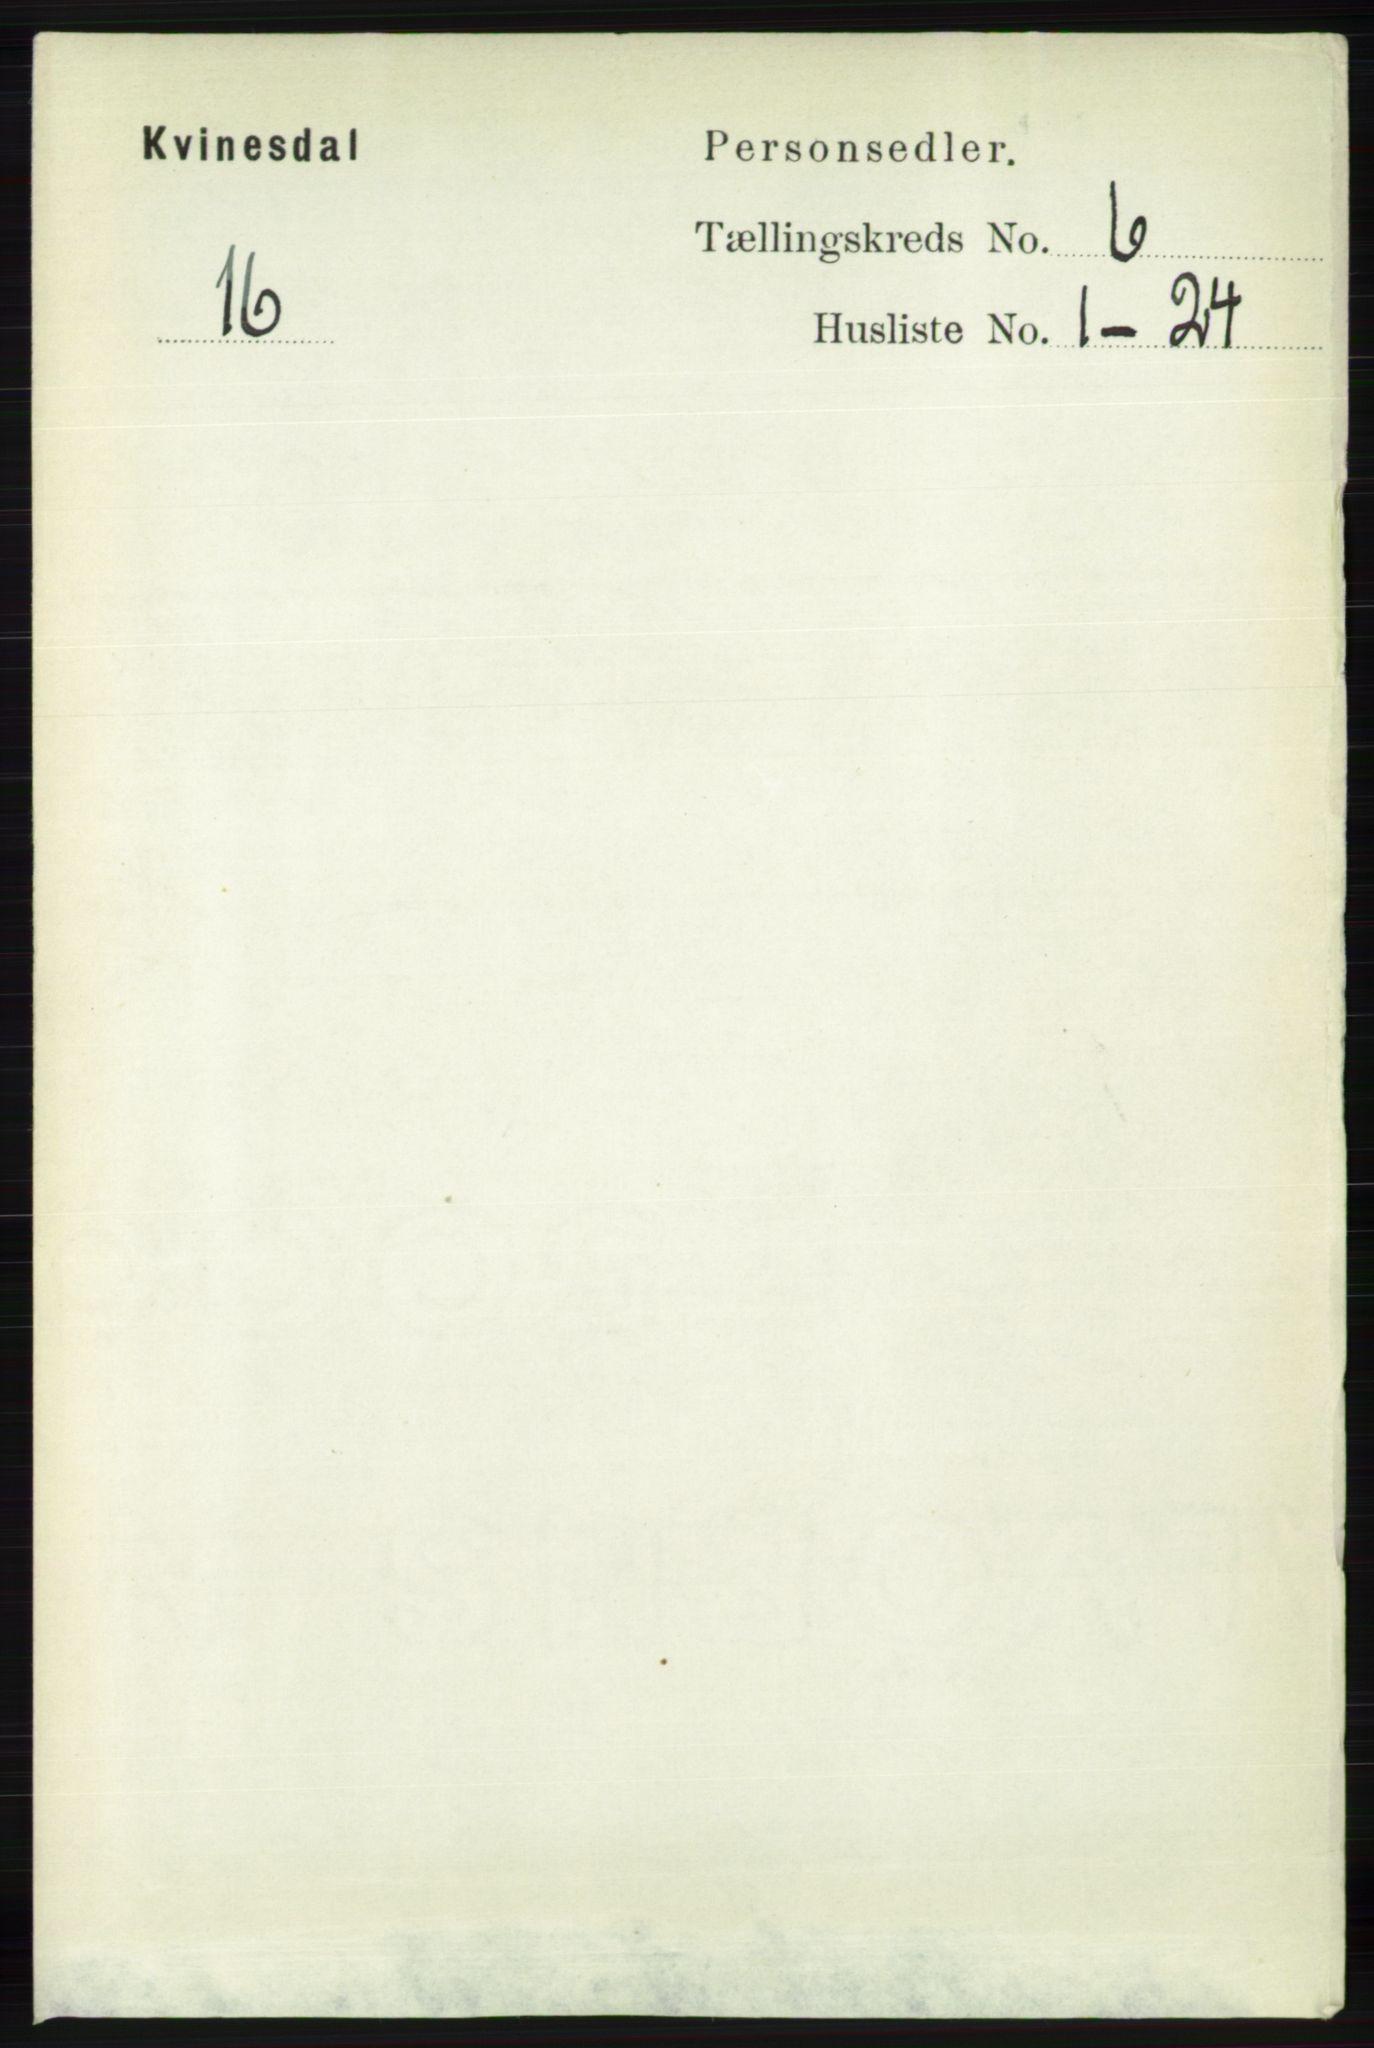 RA, Folketelling 1891 for 1037 Kvinesdal herred, 1891, s. 2102